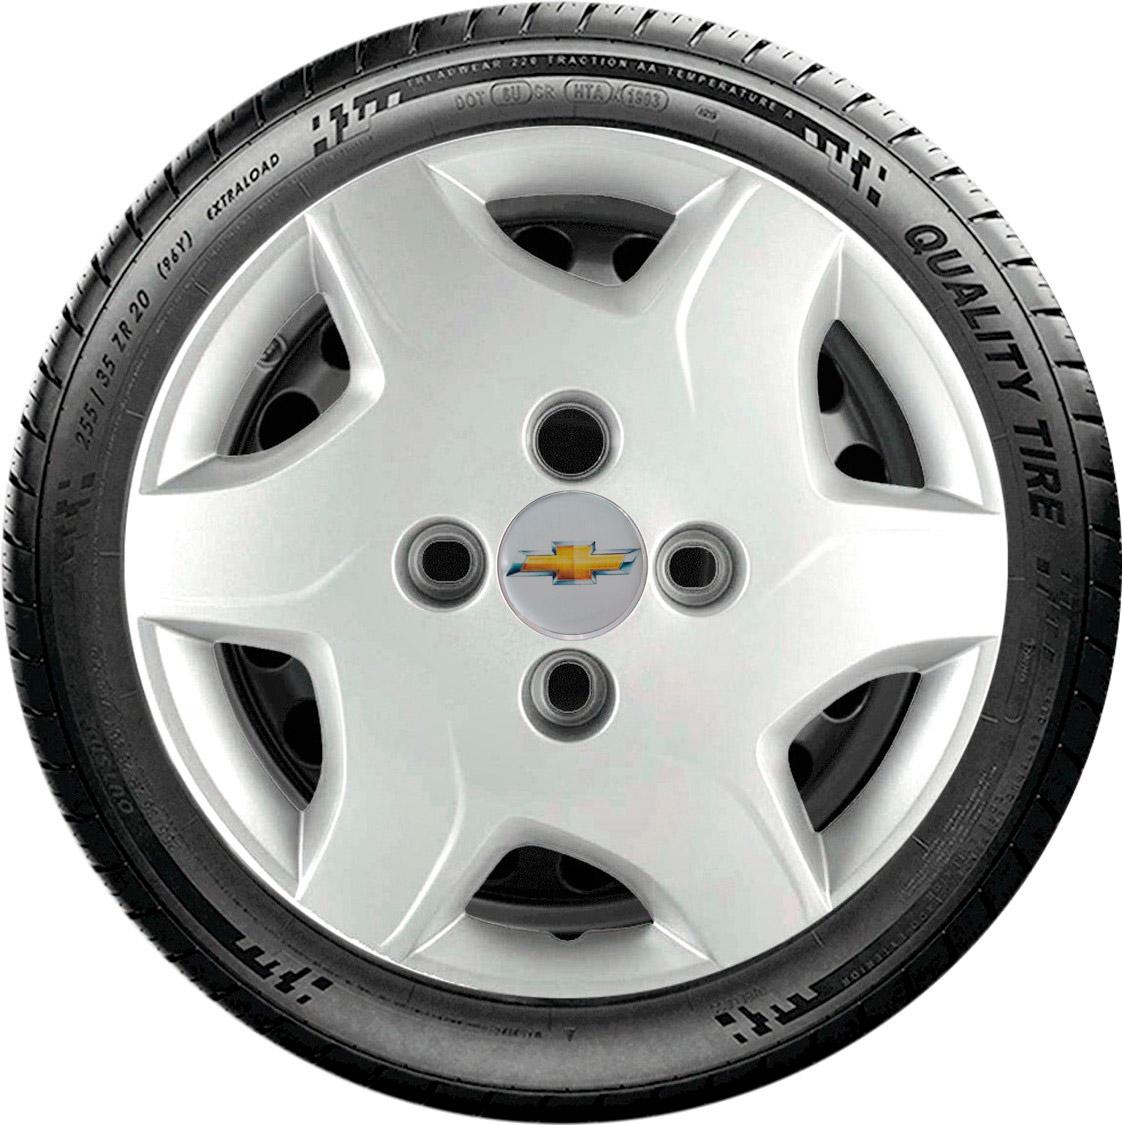 Jogo De Calota Tradicional Celta Aro 13 Logo Chevrolet G042j Cor: Prata